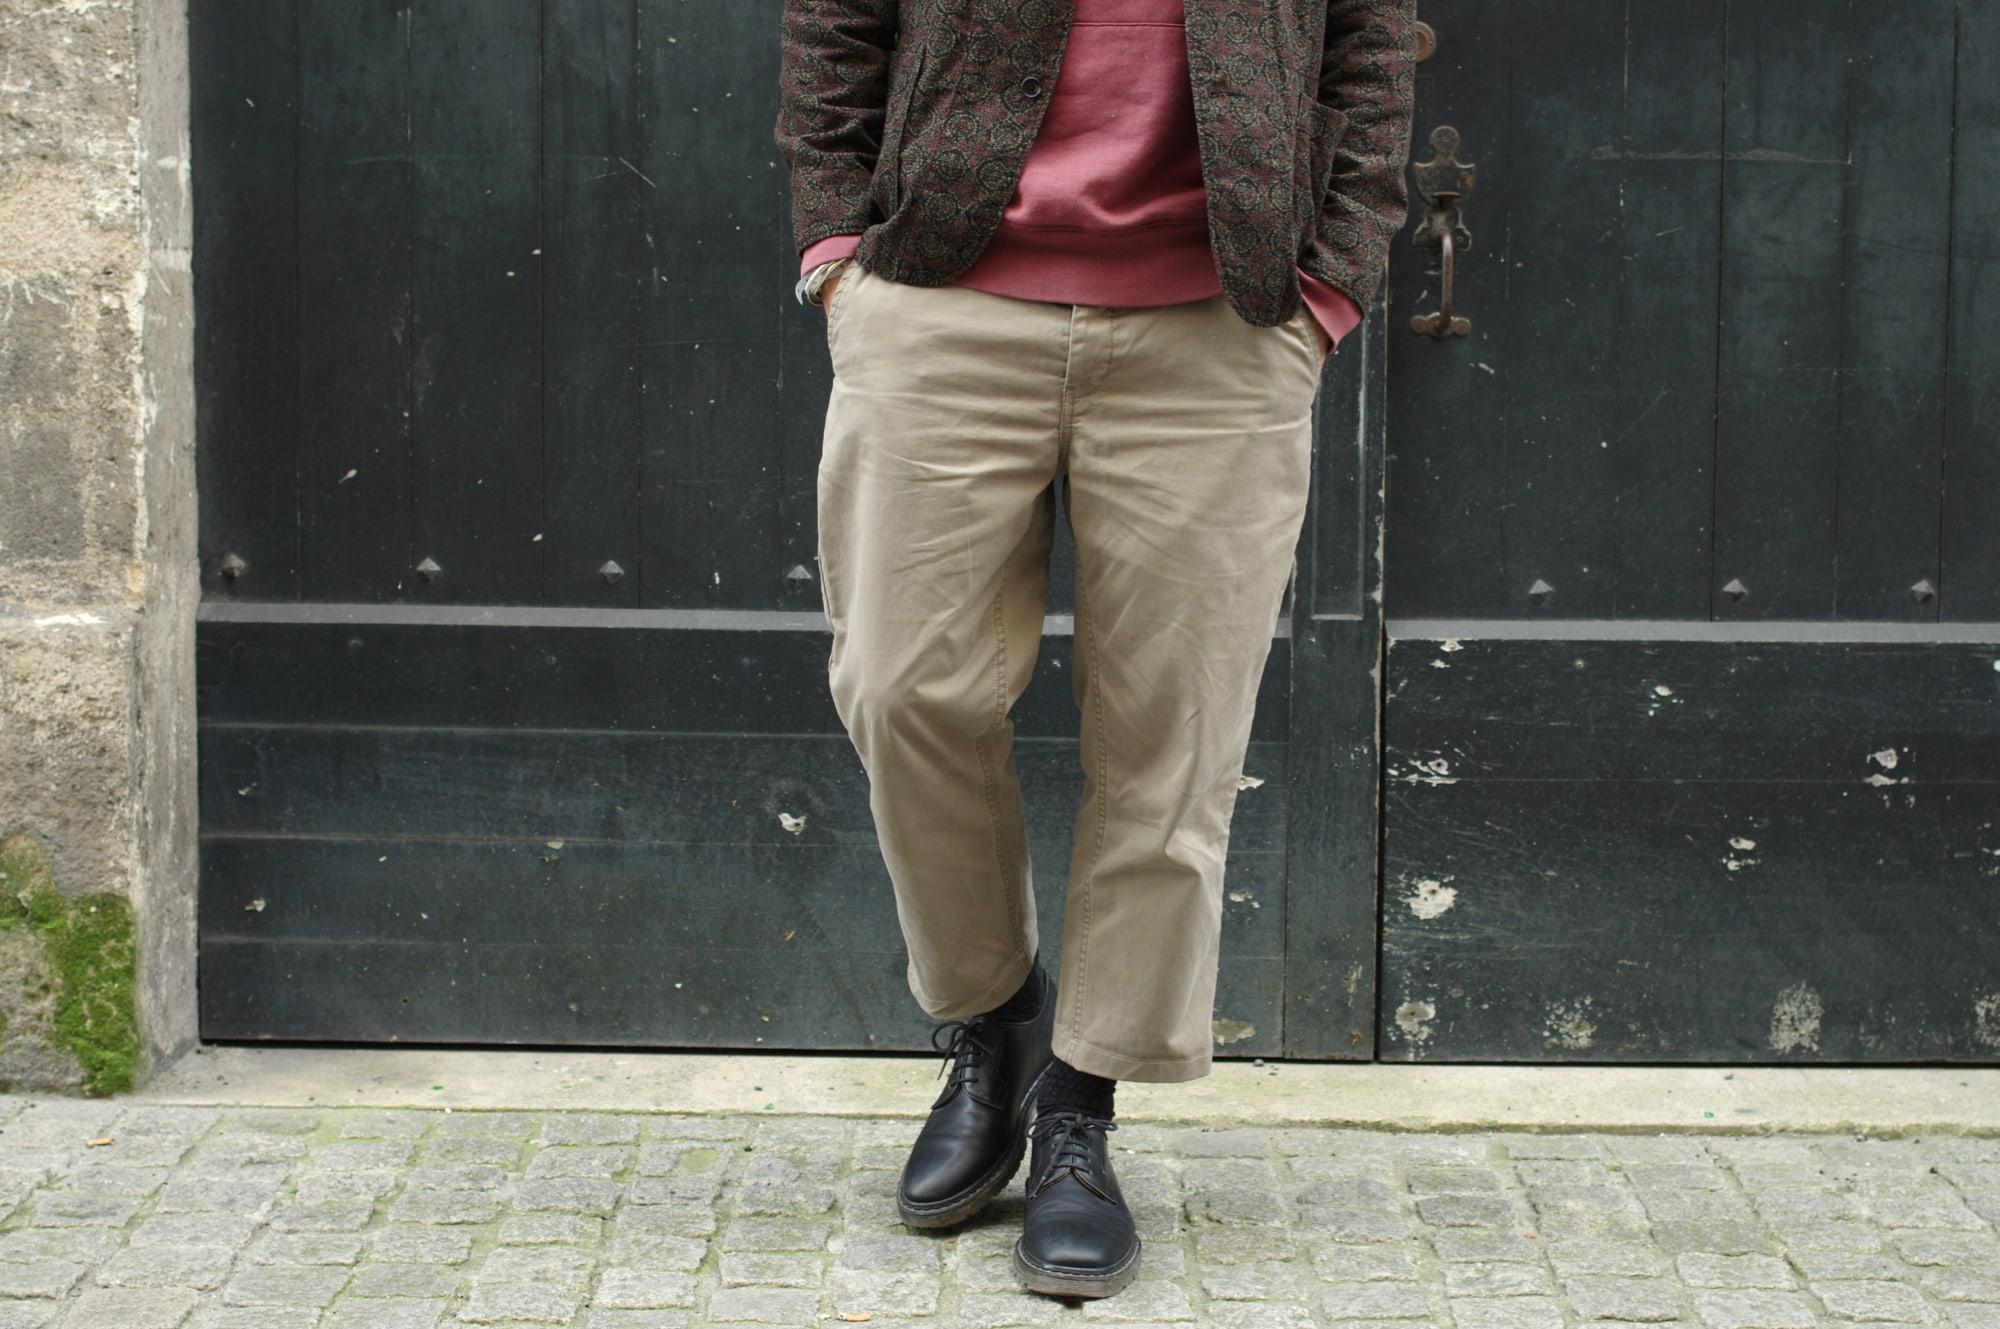 comment porter un pantalon ample Norse Projects Aros heavt chino loose en le coupant court et en le size-up